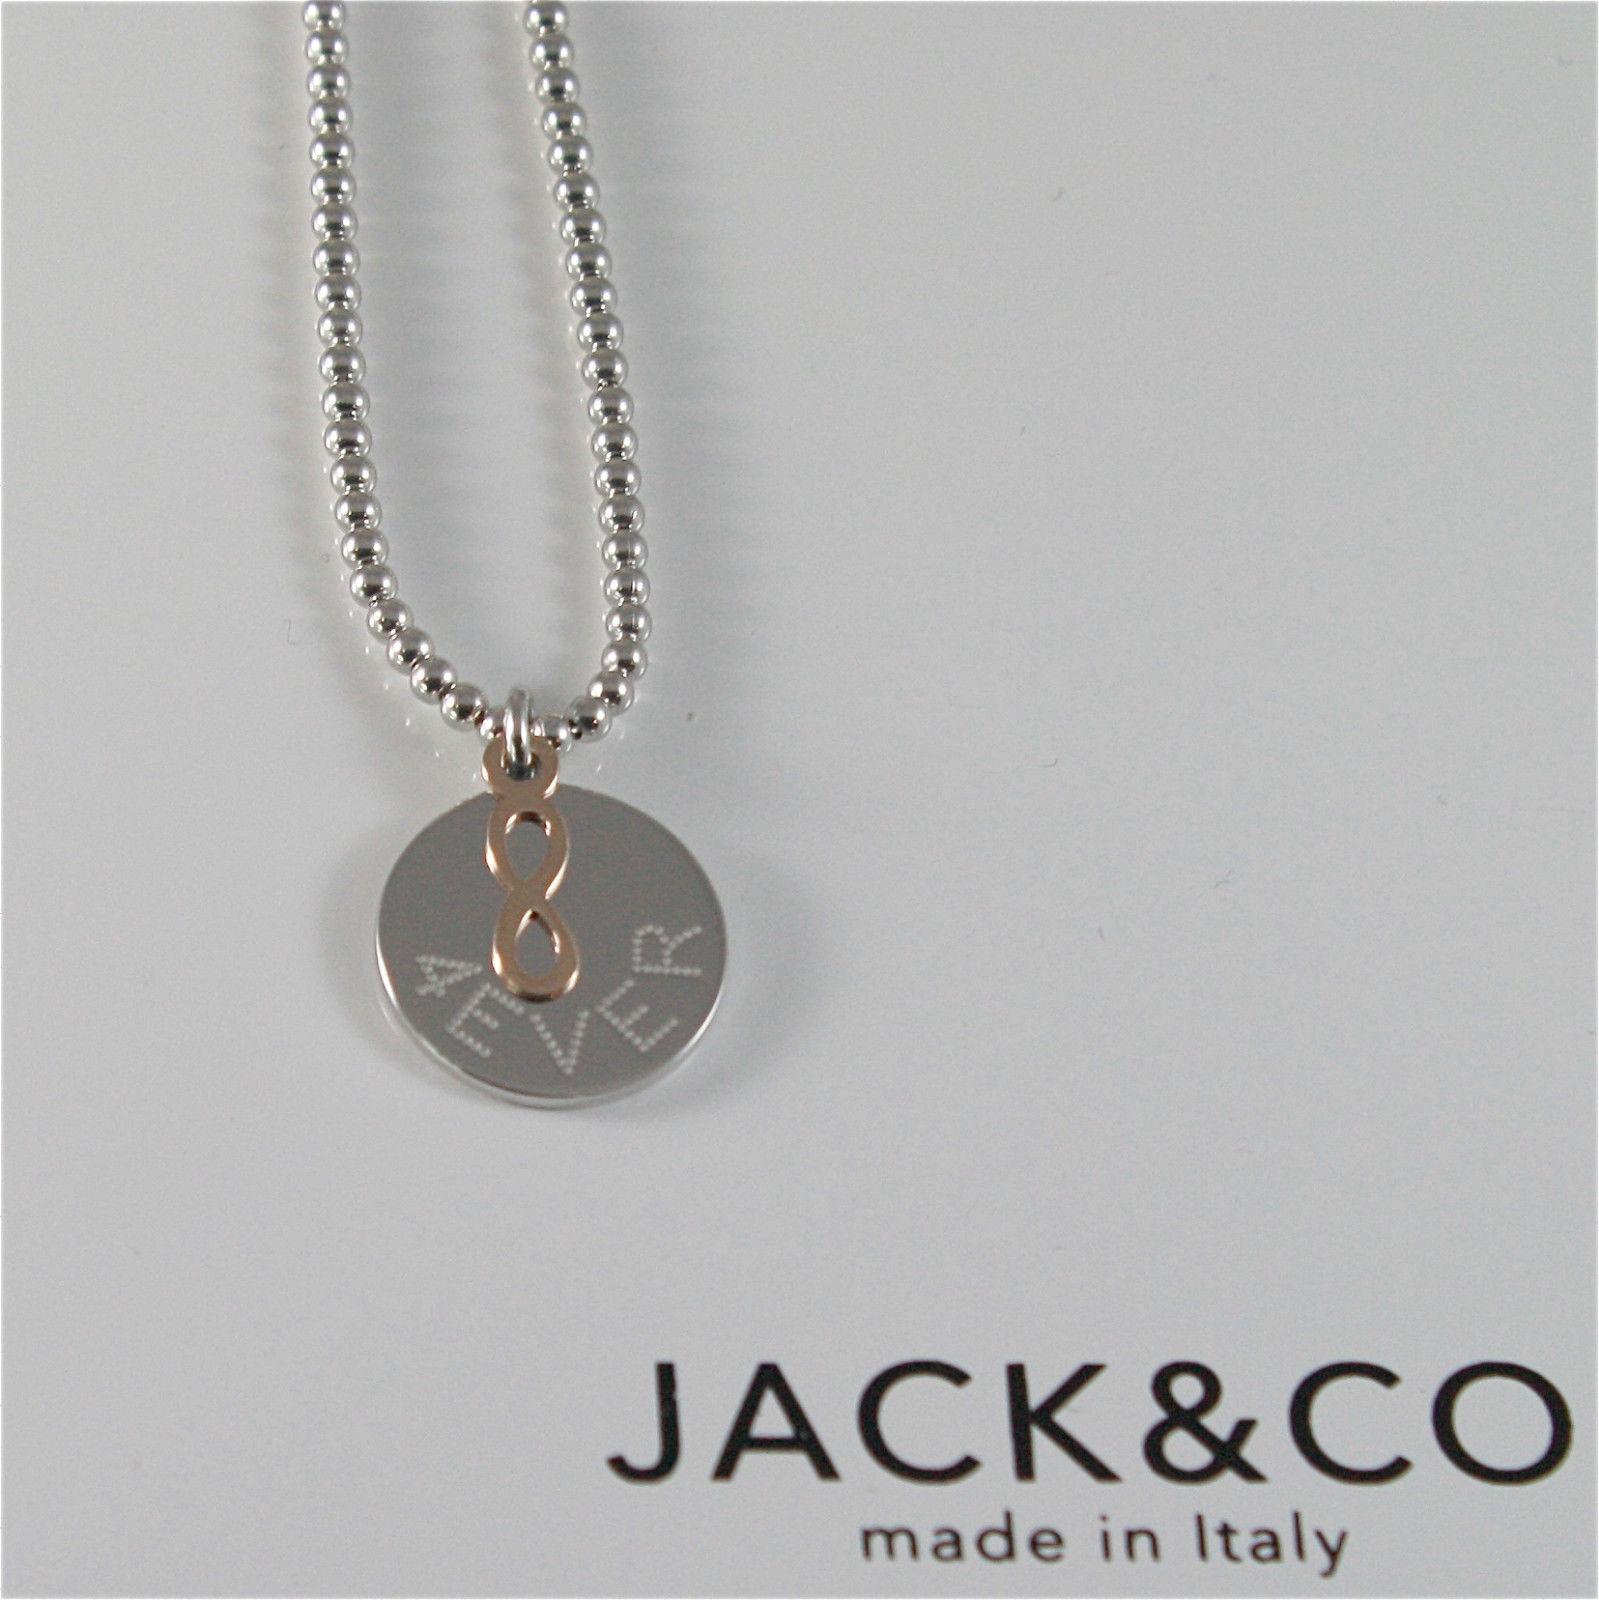 COLLANA A PALLINE IN ARGENTO 925 JACK&CO CON INFINITO IN ORO ROSA 9KT JCN0548